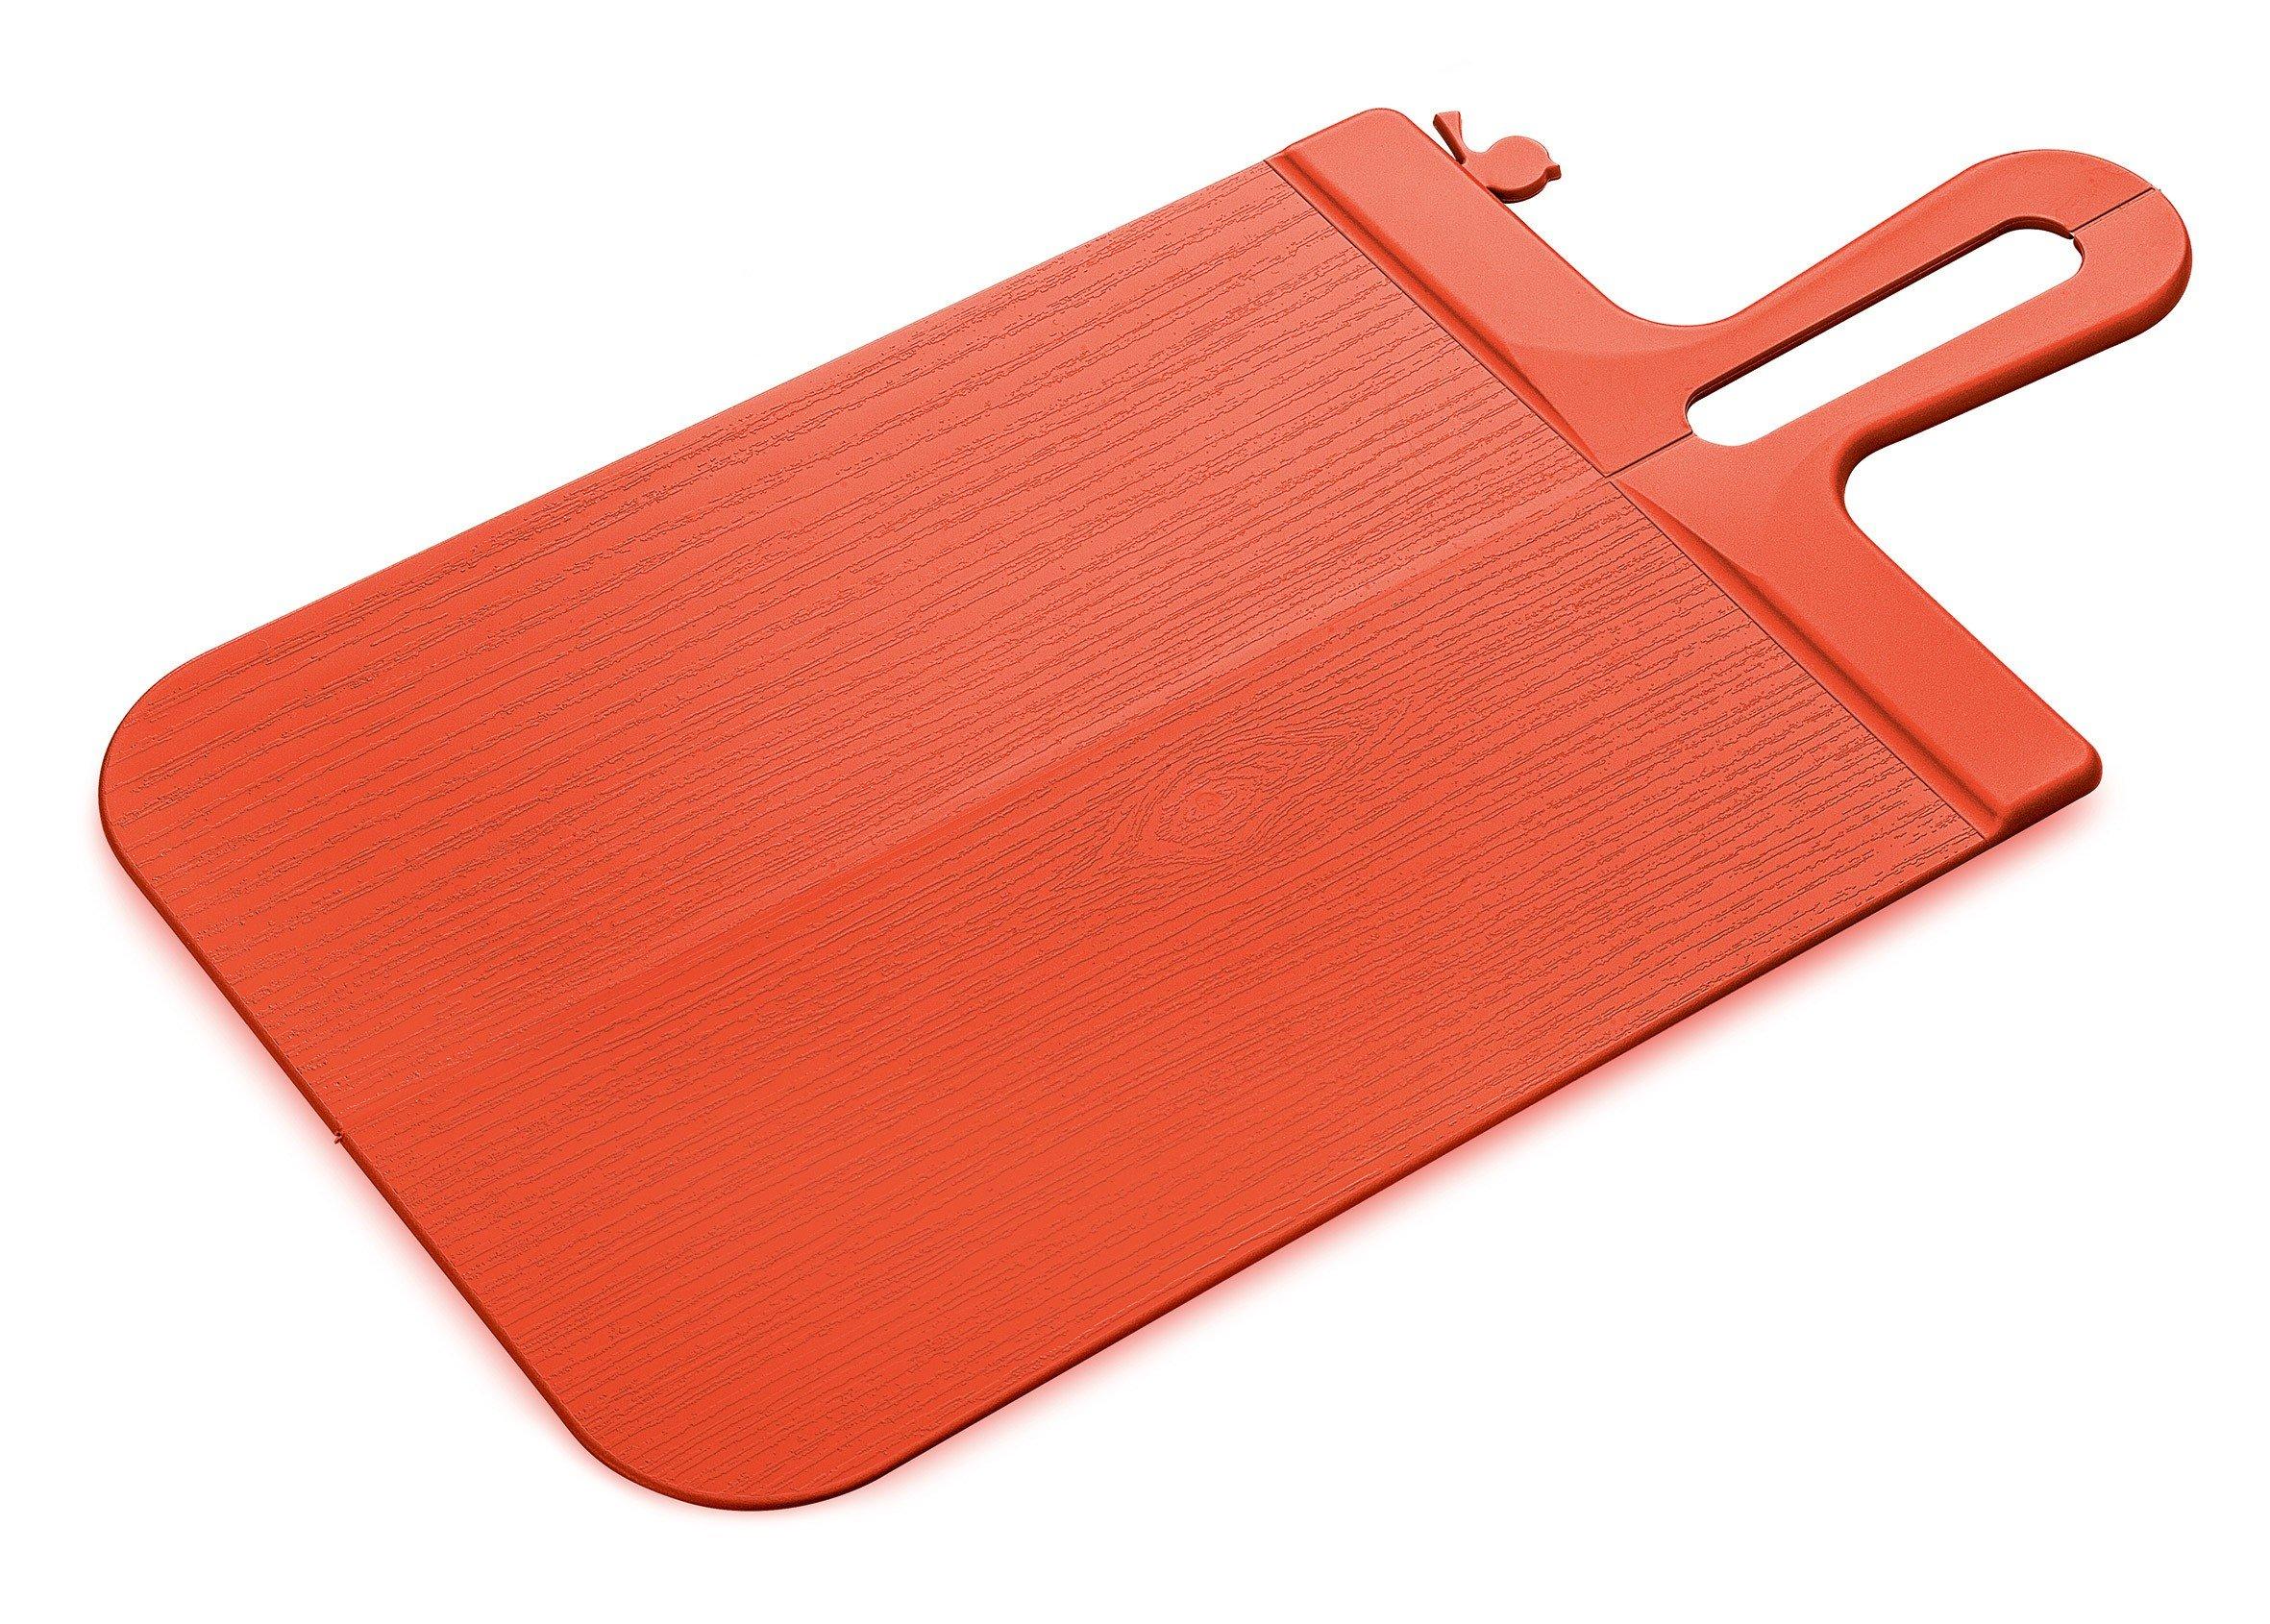 Deska do krojenia Snap pomarańczowoczerwona